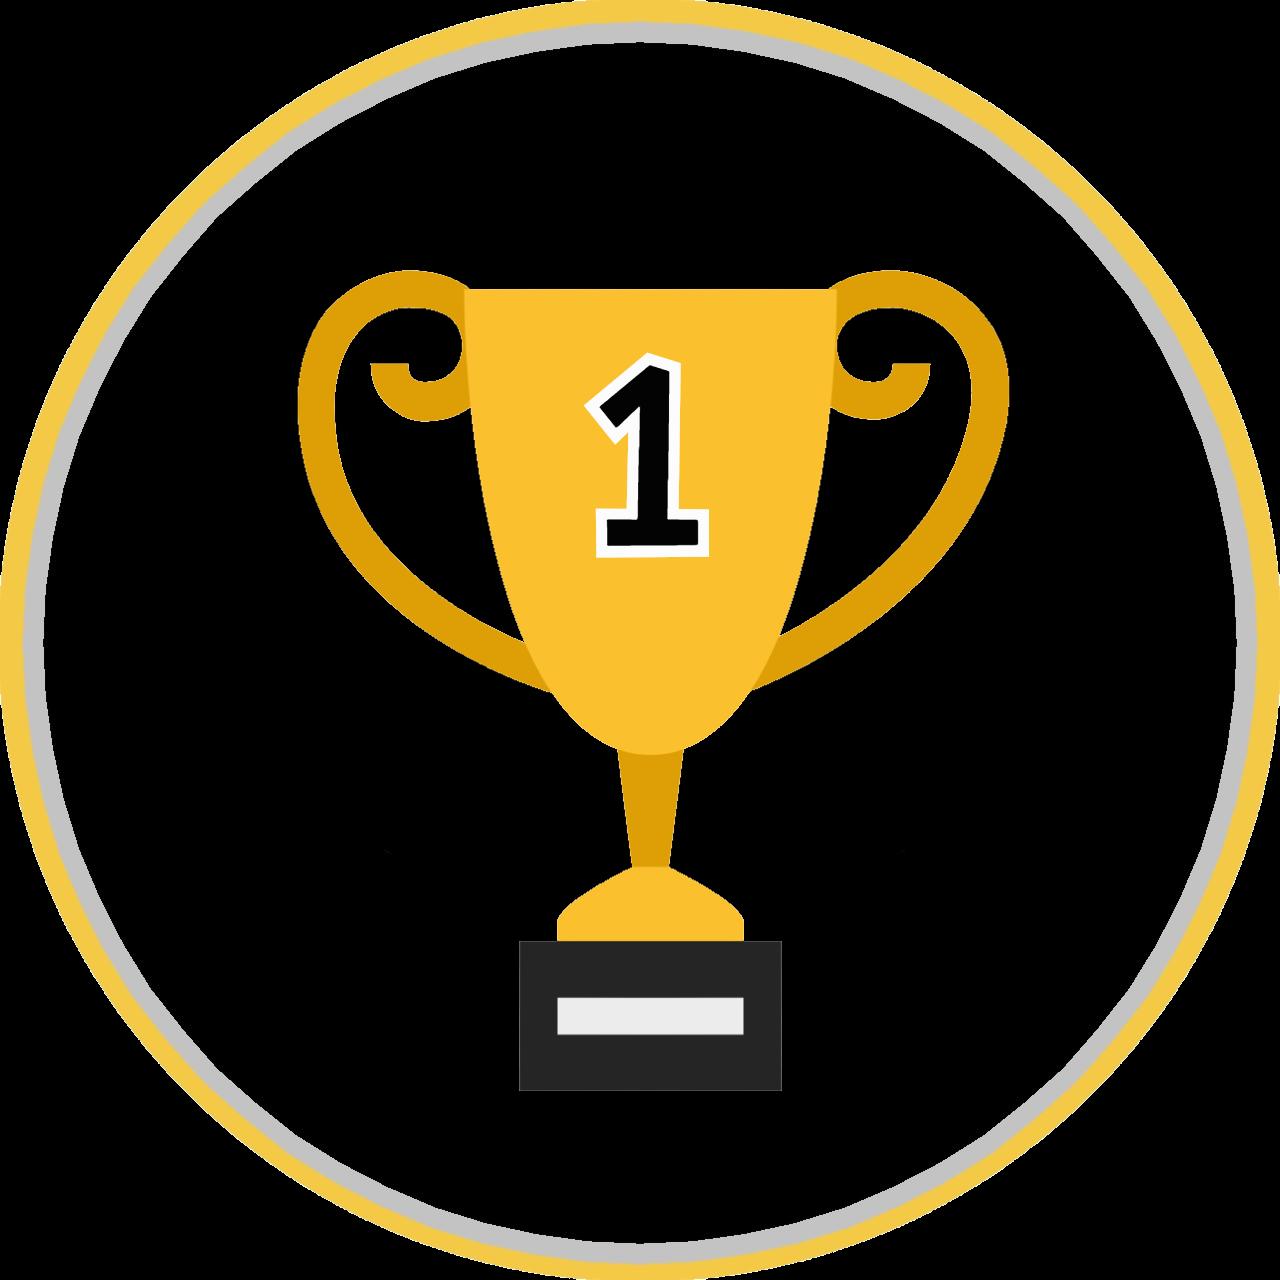 Βραβείο για δημοφιλές άρθρο της εβδομάδας!